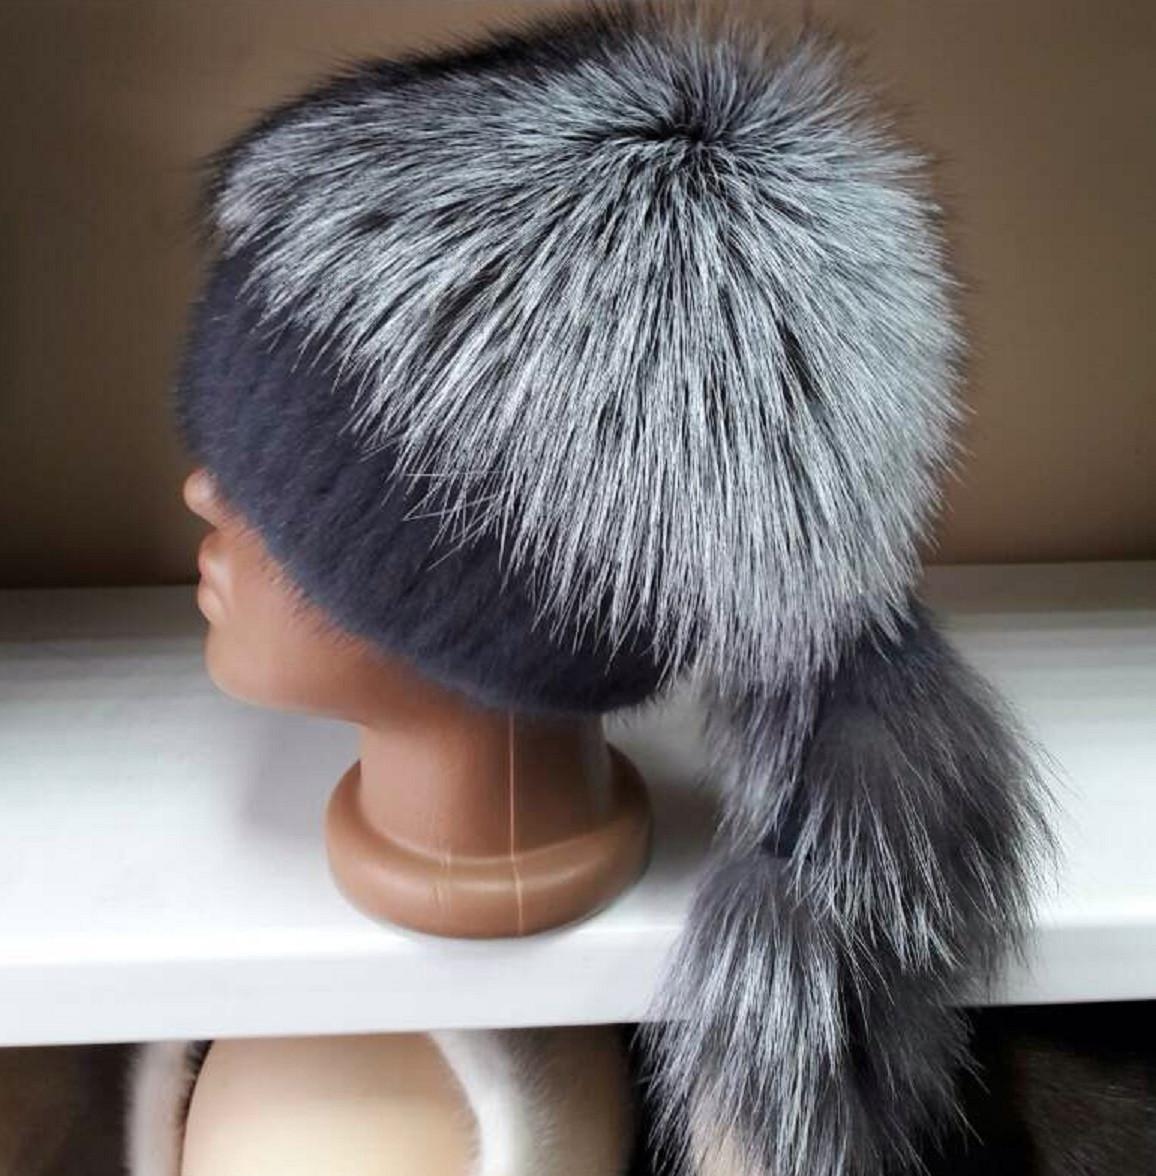 Меховая шапка из норки и чернобурки на вязанной основе